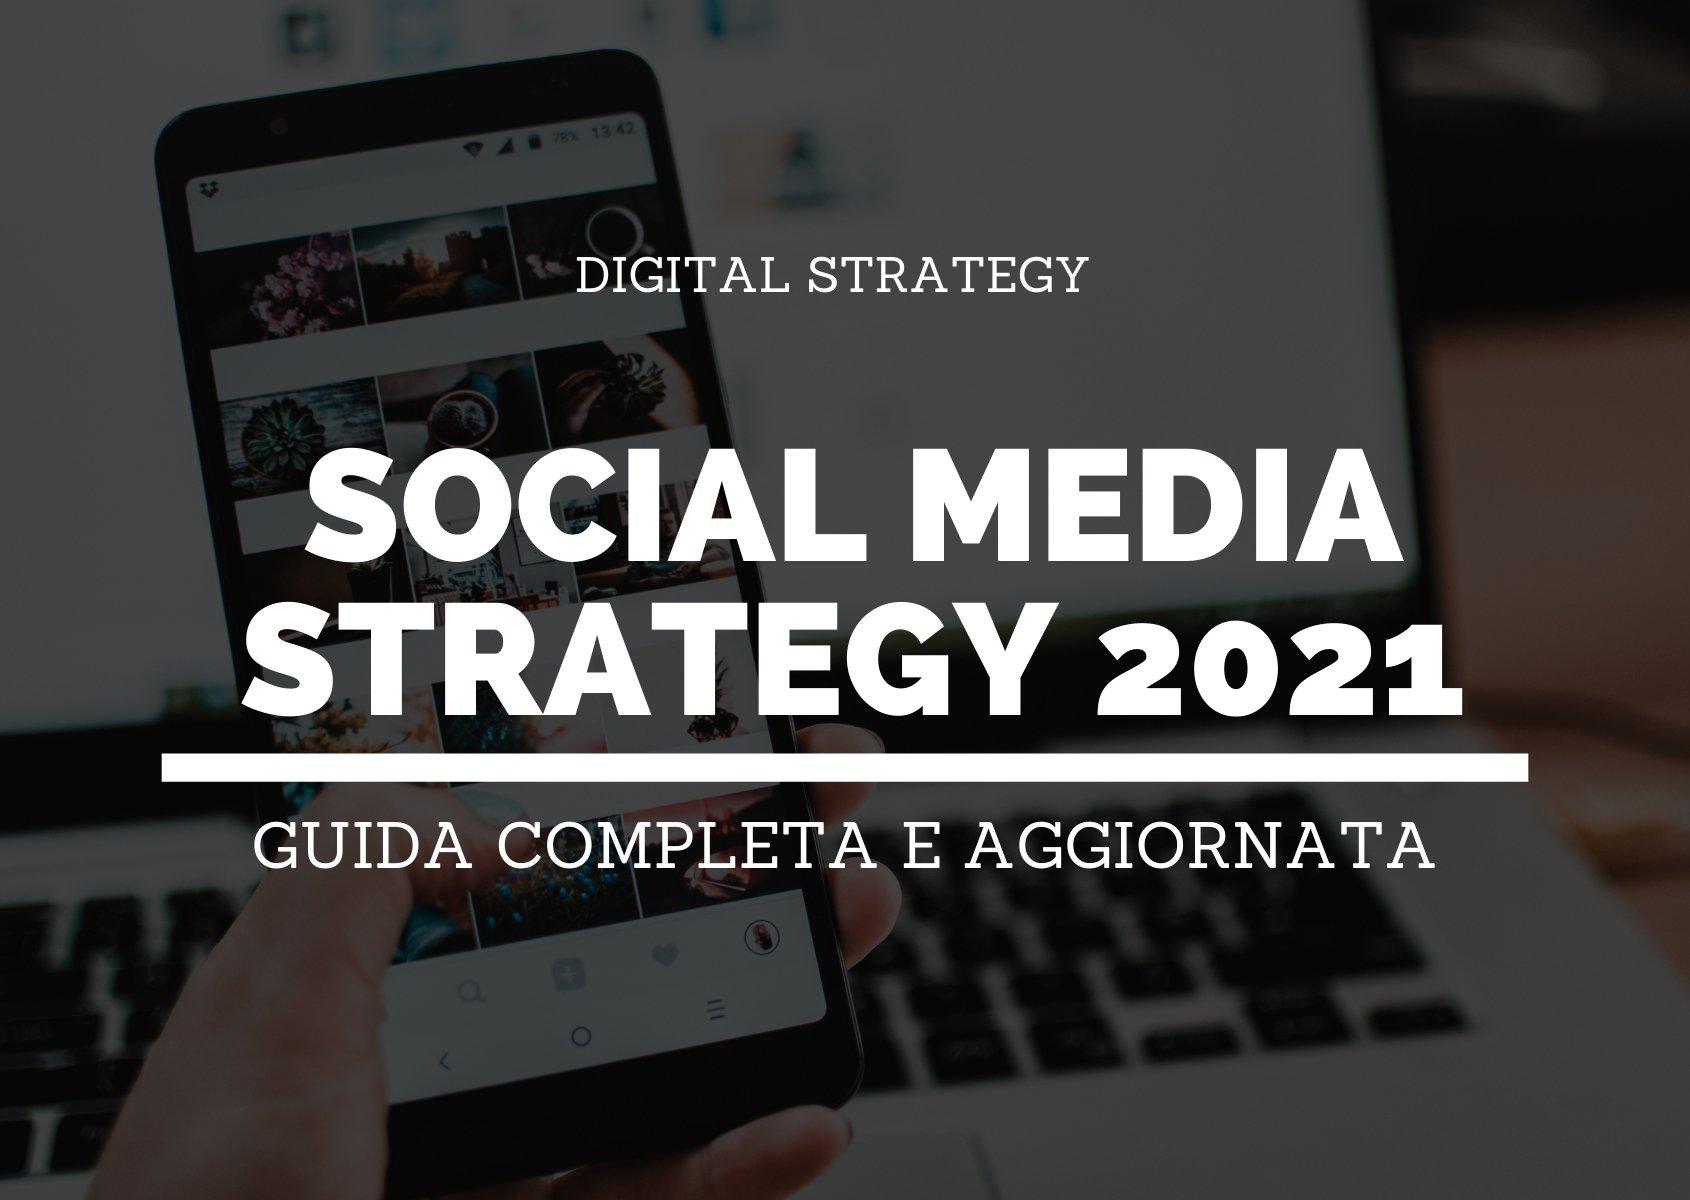 Blog post - Social media strategy 2021 - header